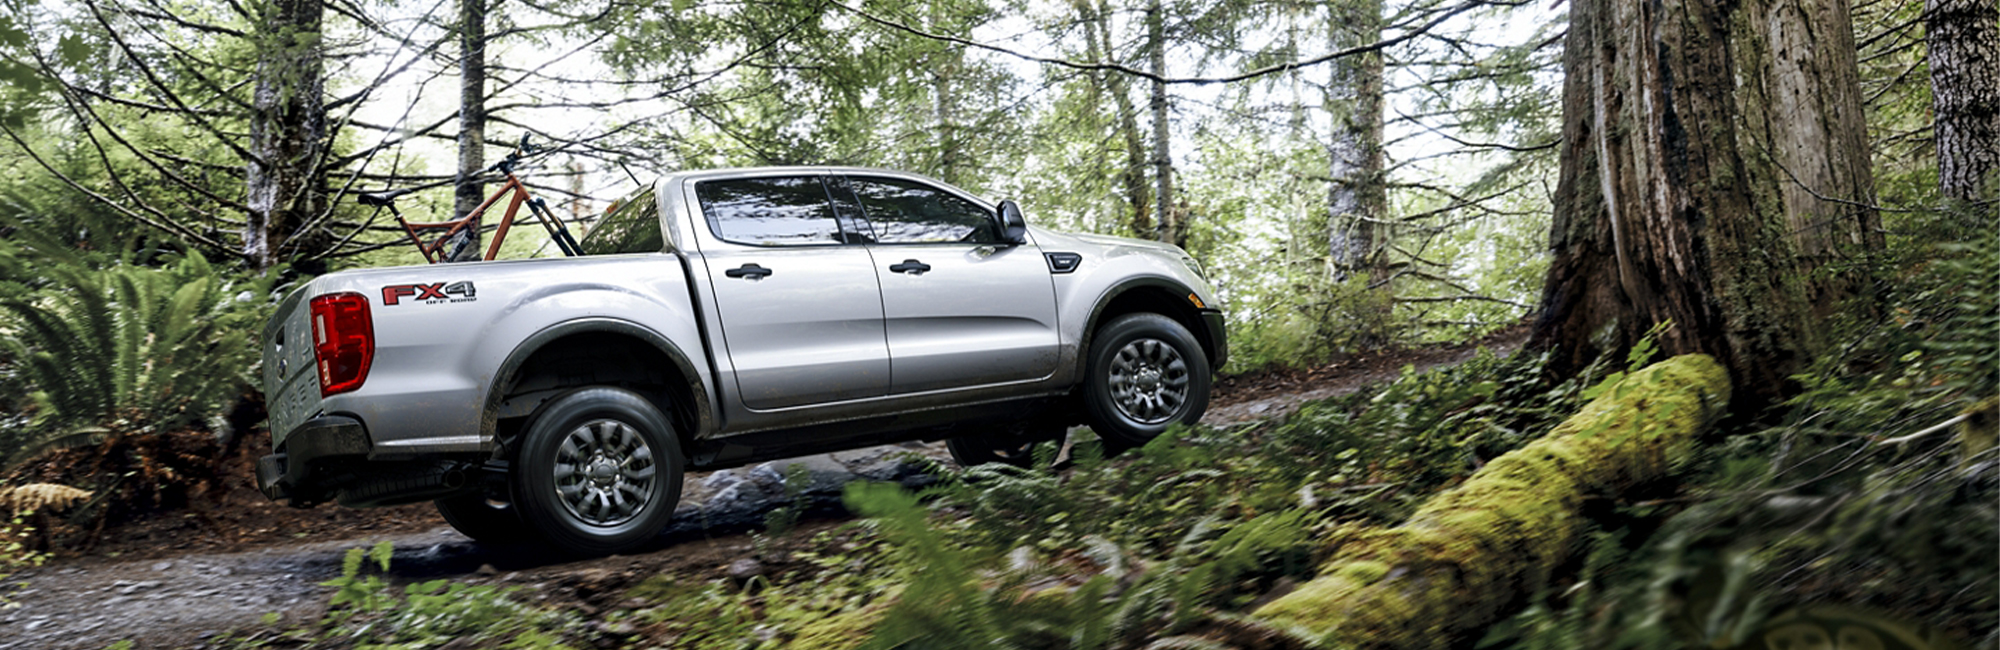 2020 Ford Ranger for sale